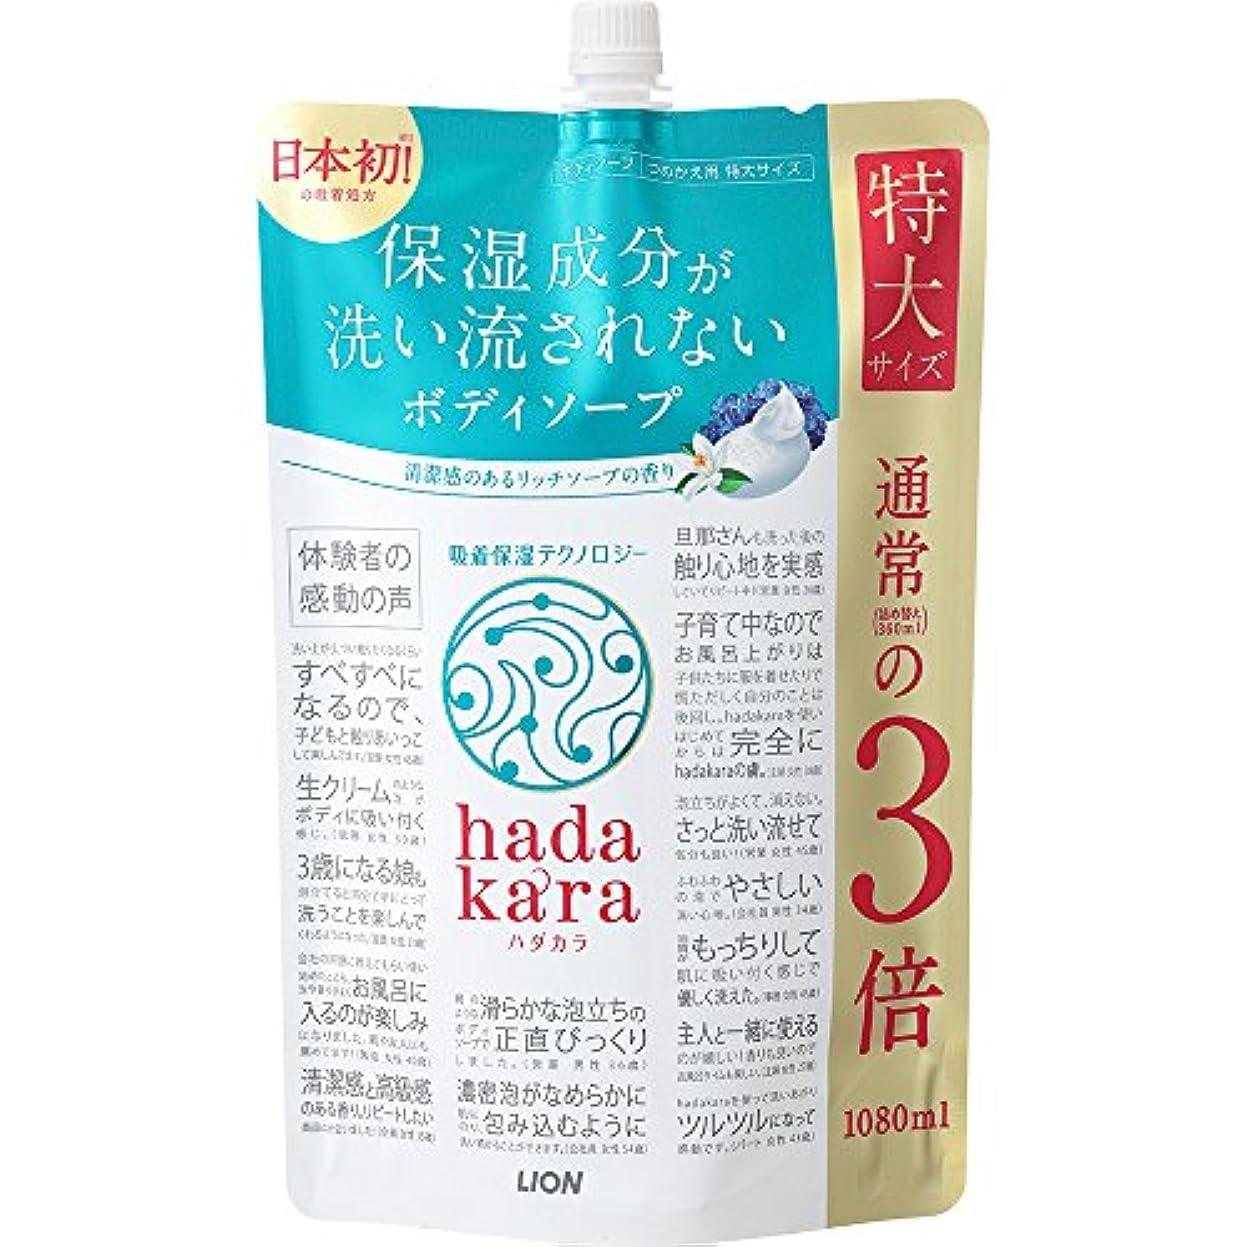 ギャンブルアカデミー霊【大容量】hadakara(ハダカラ) ボディソープ リッチソープの香り 詰め替え 特大 1080ml